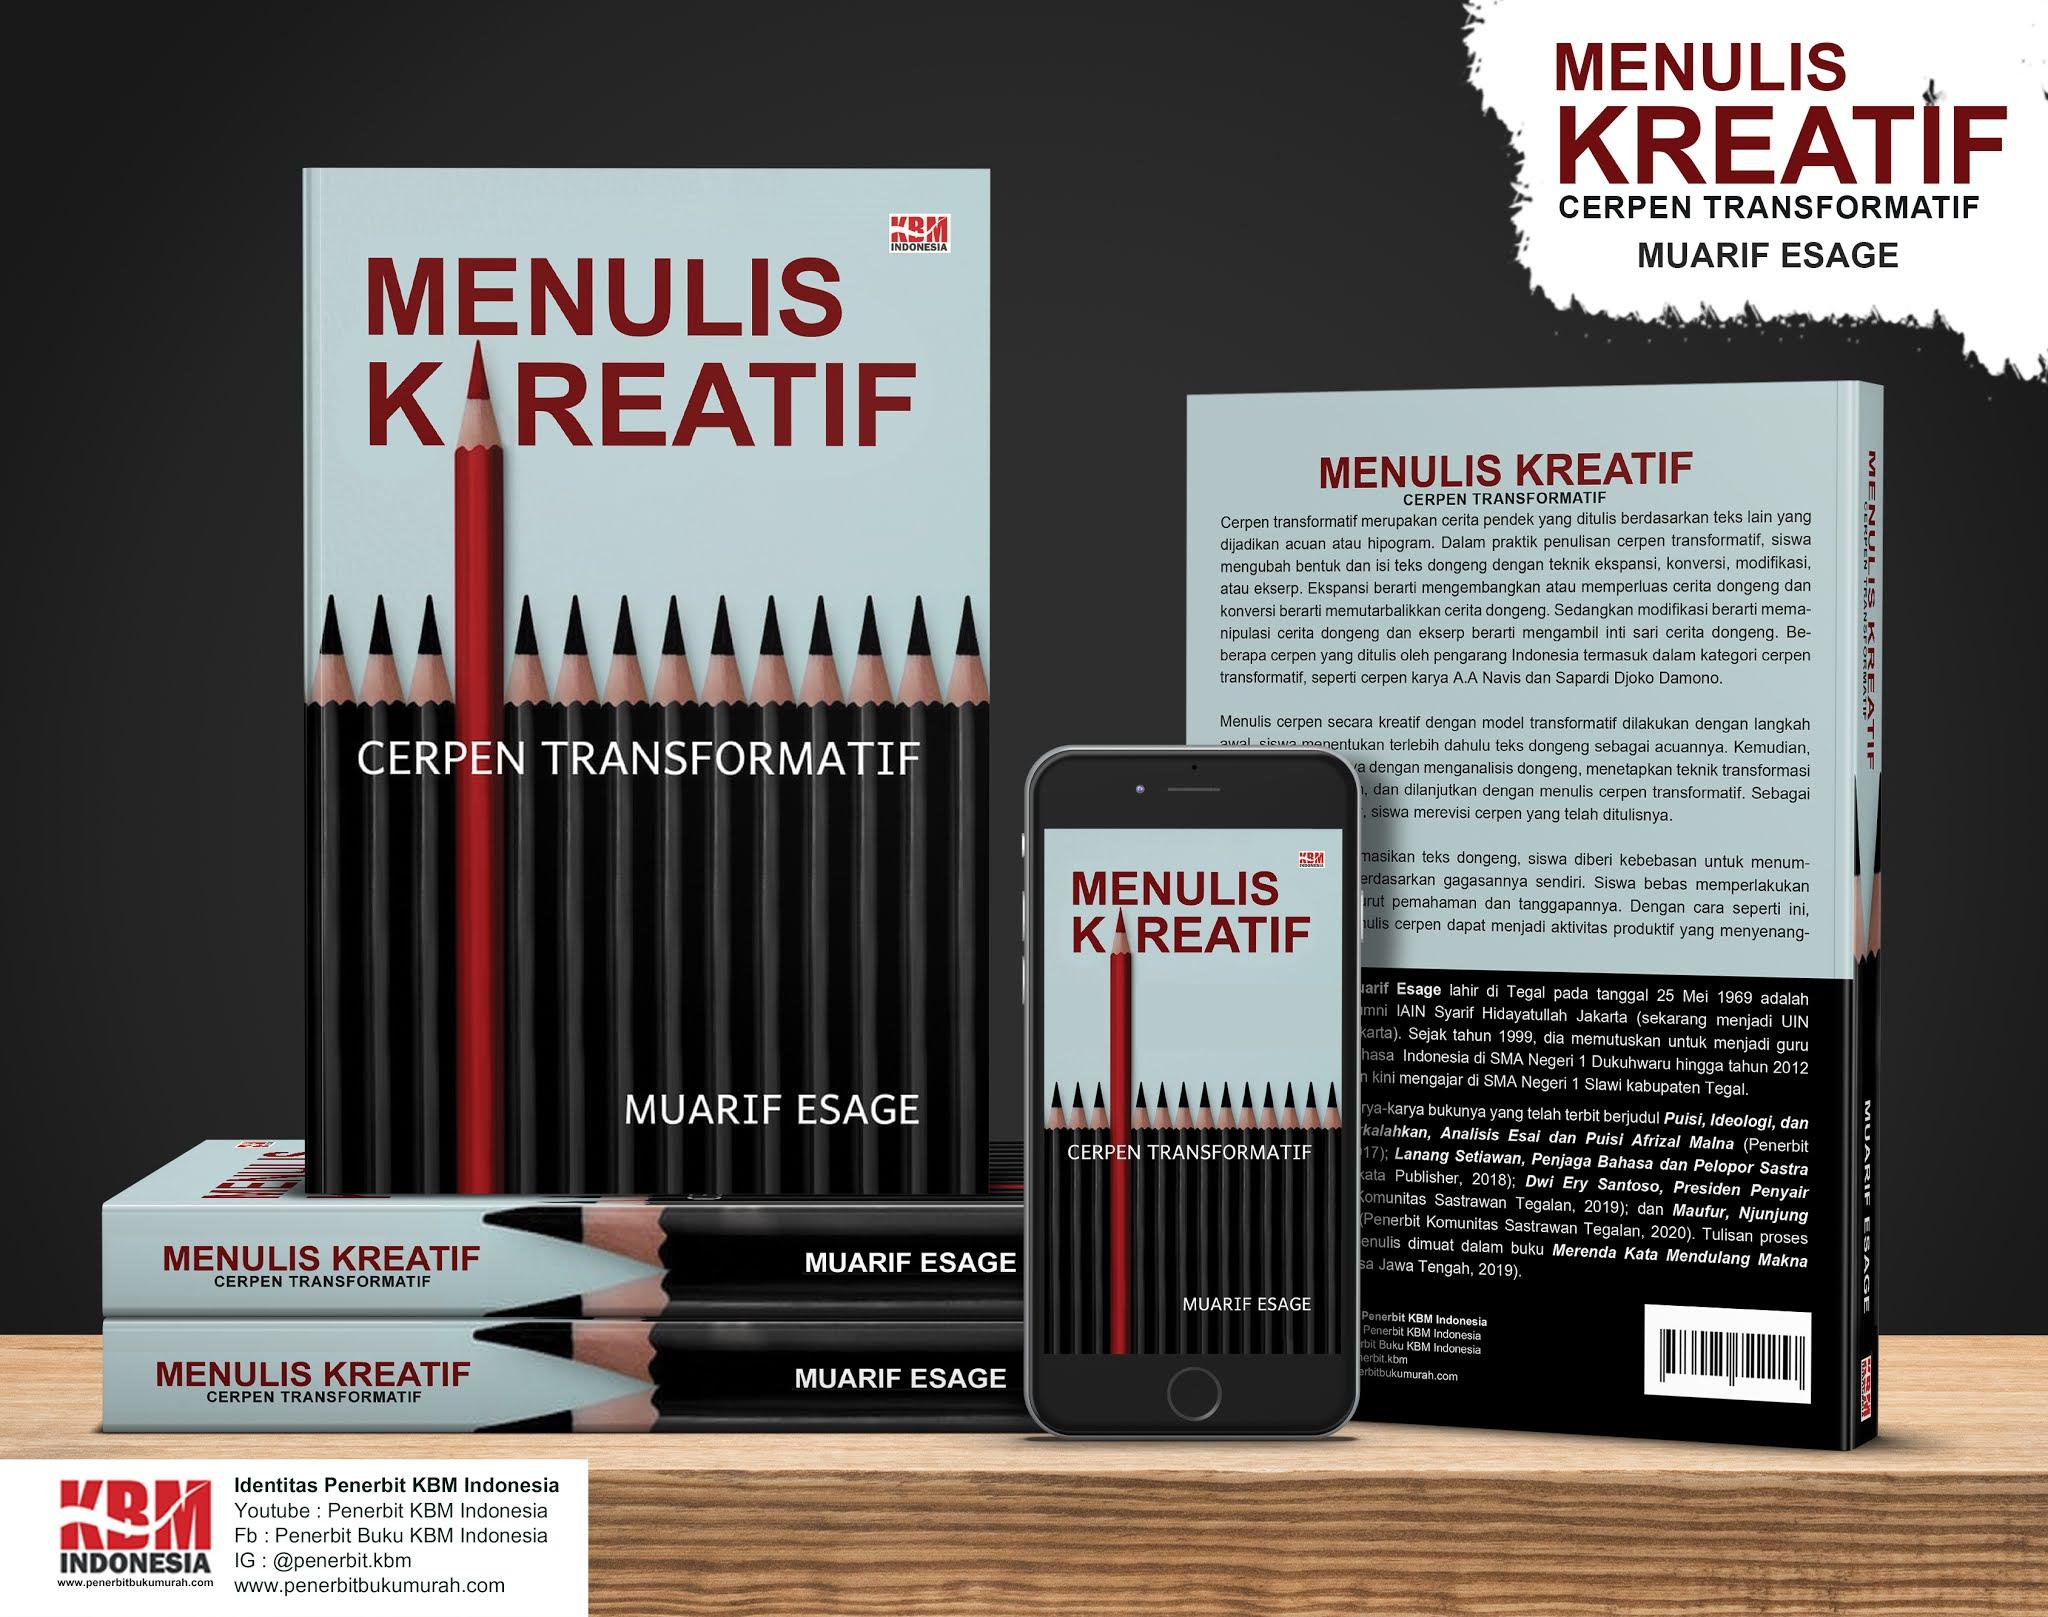 MENULIS KREATIF CERPEN TRANSFORMATIF